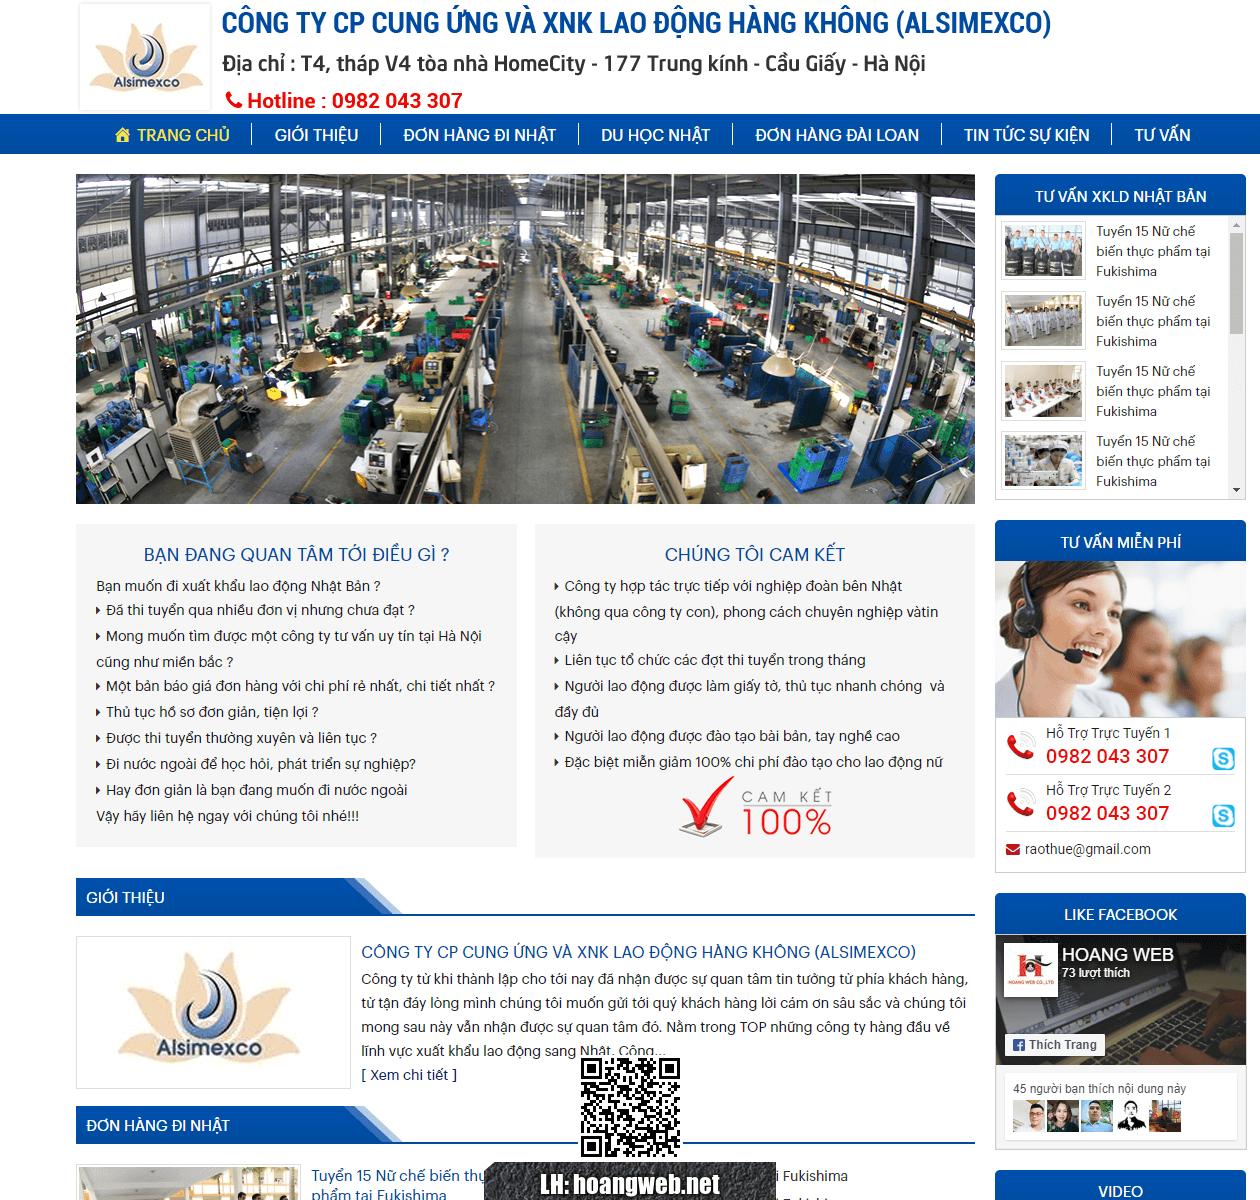 Mẫu web giới thiệu công ty 4 thumbnail